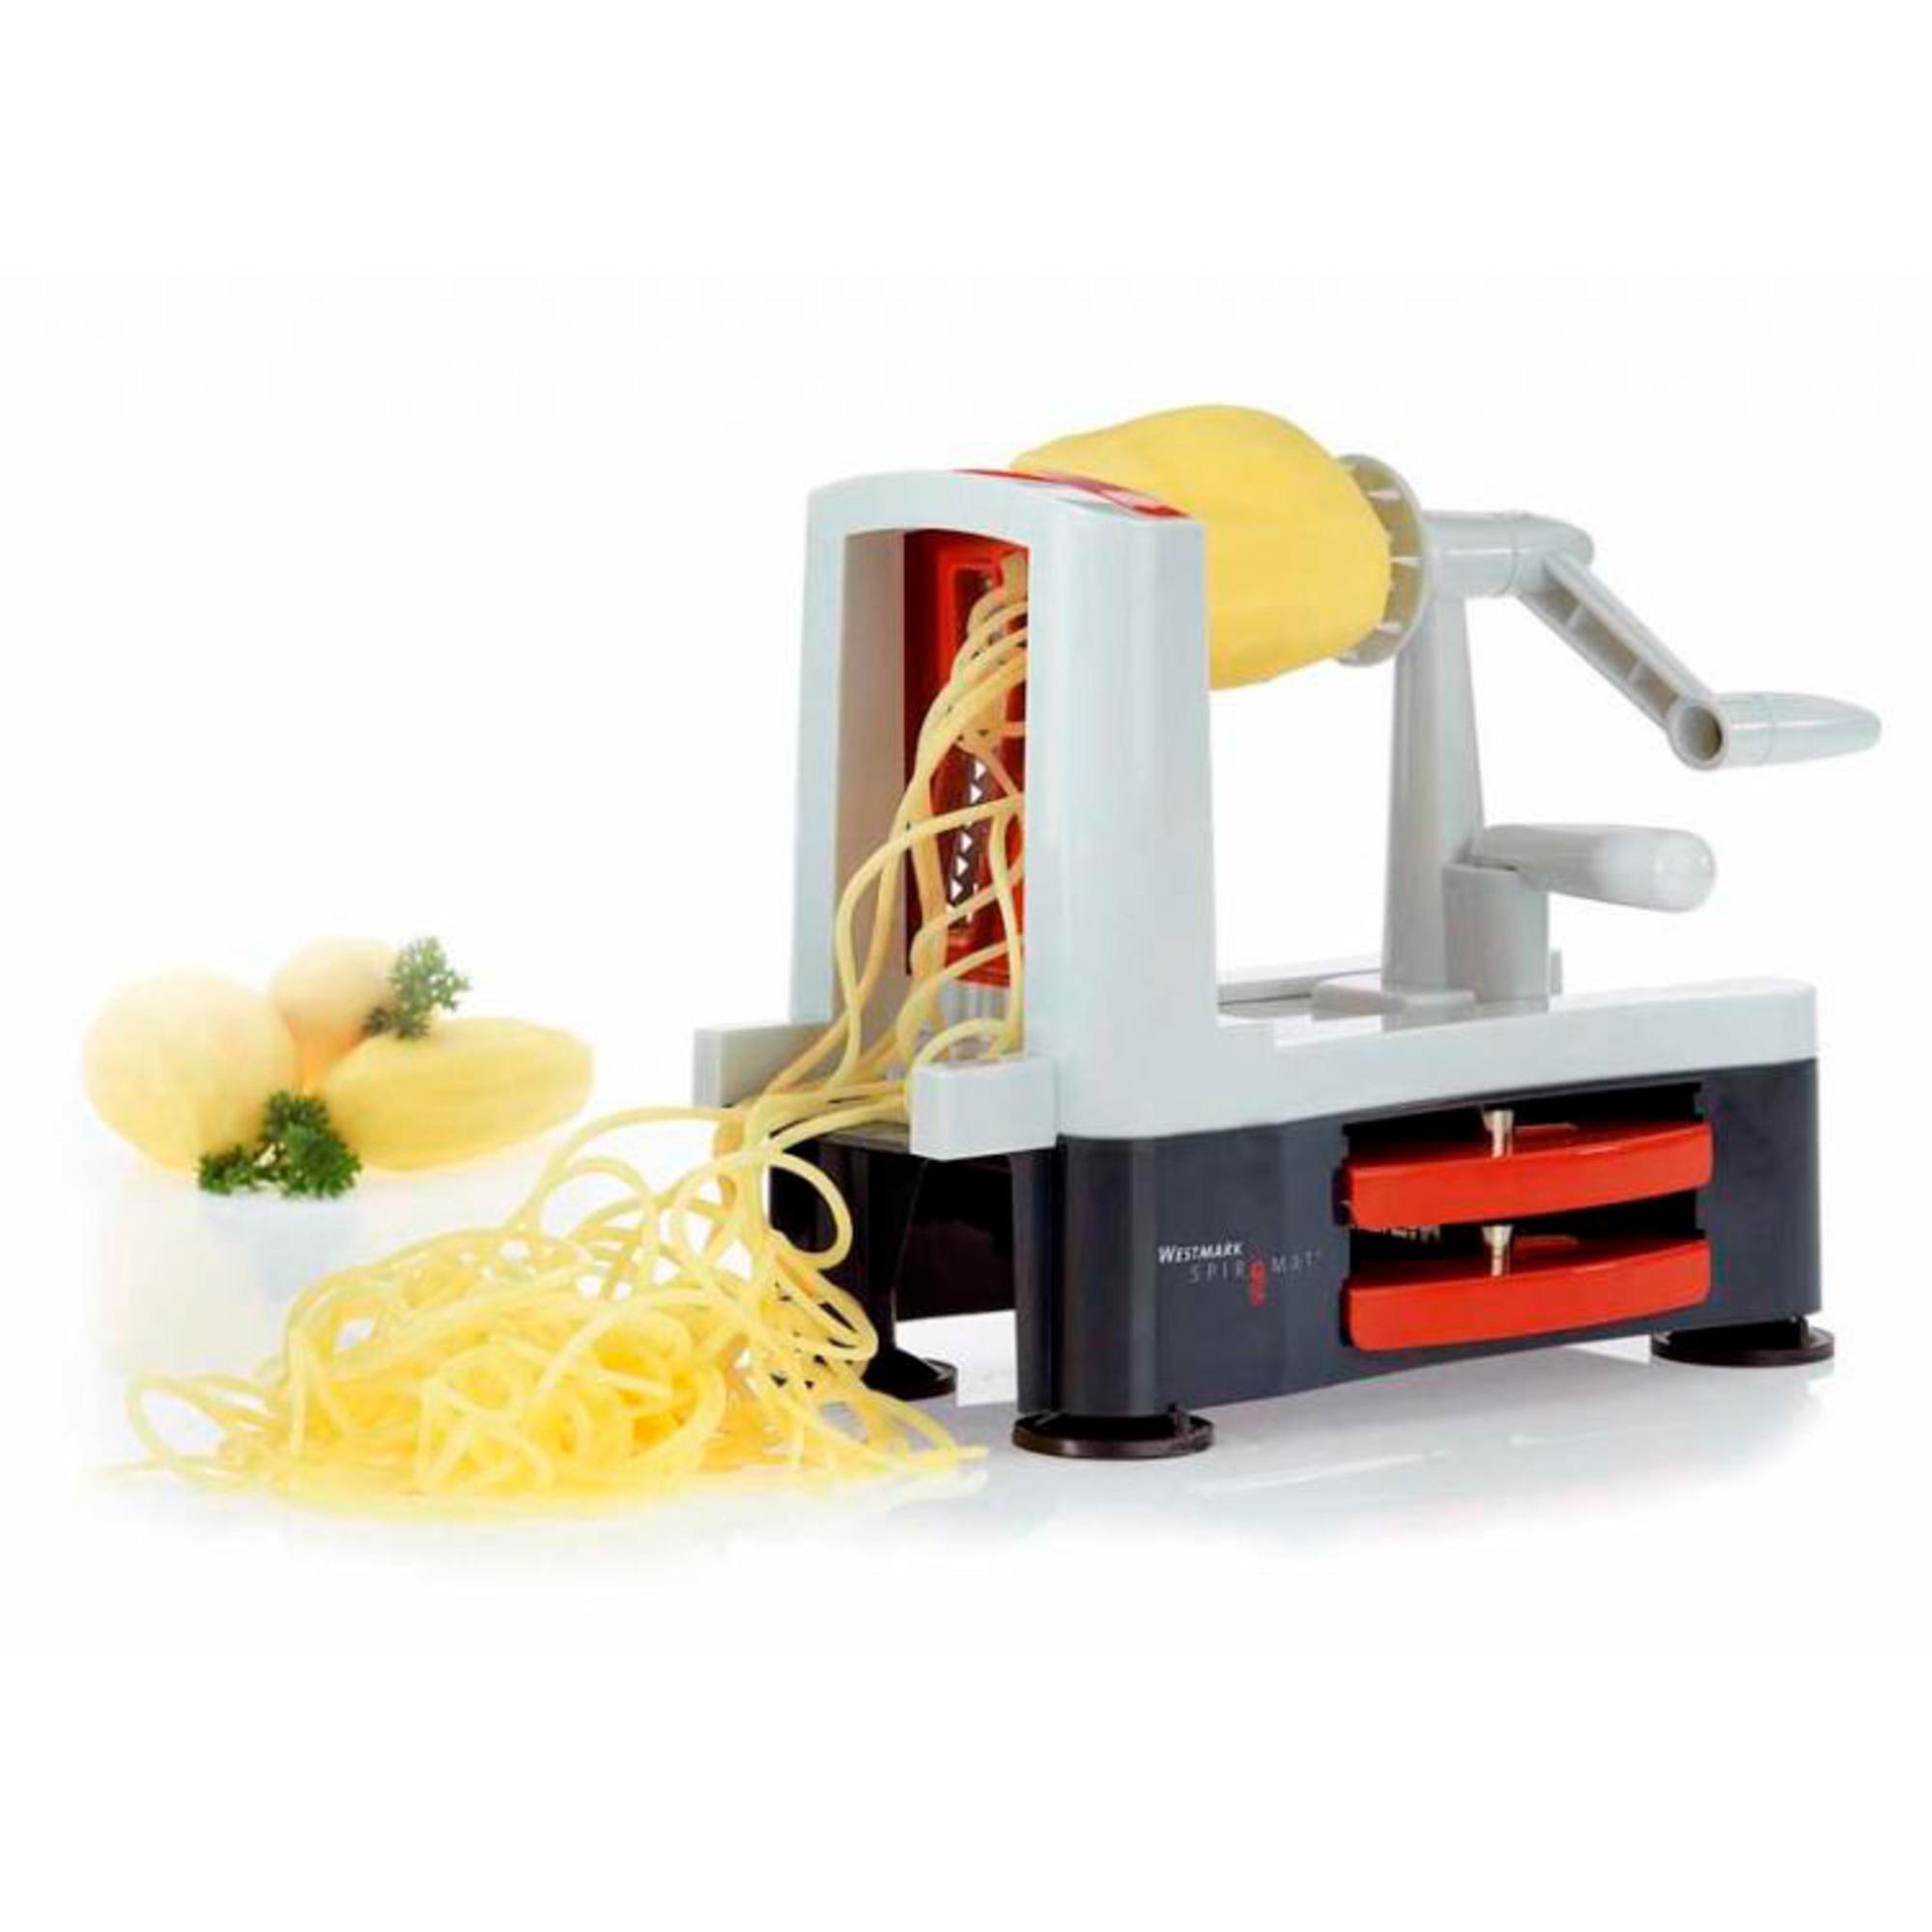 Westmark Spiromat Frukt och Grönsakssvarv